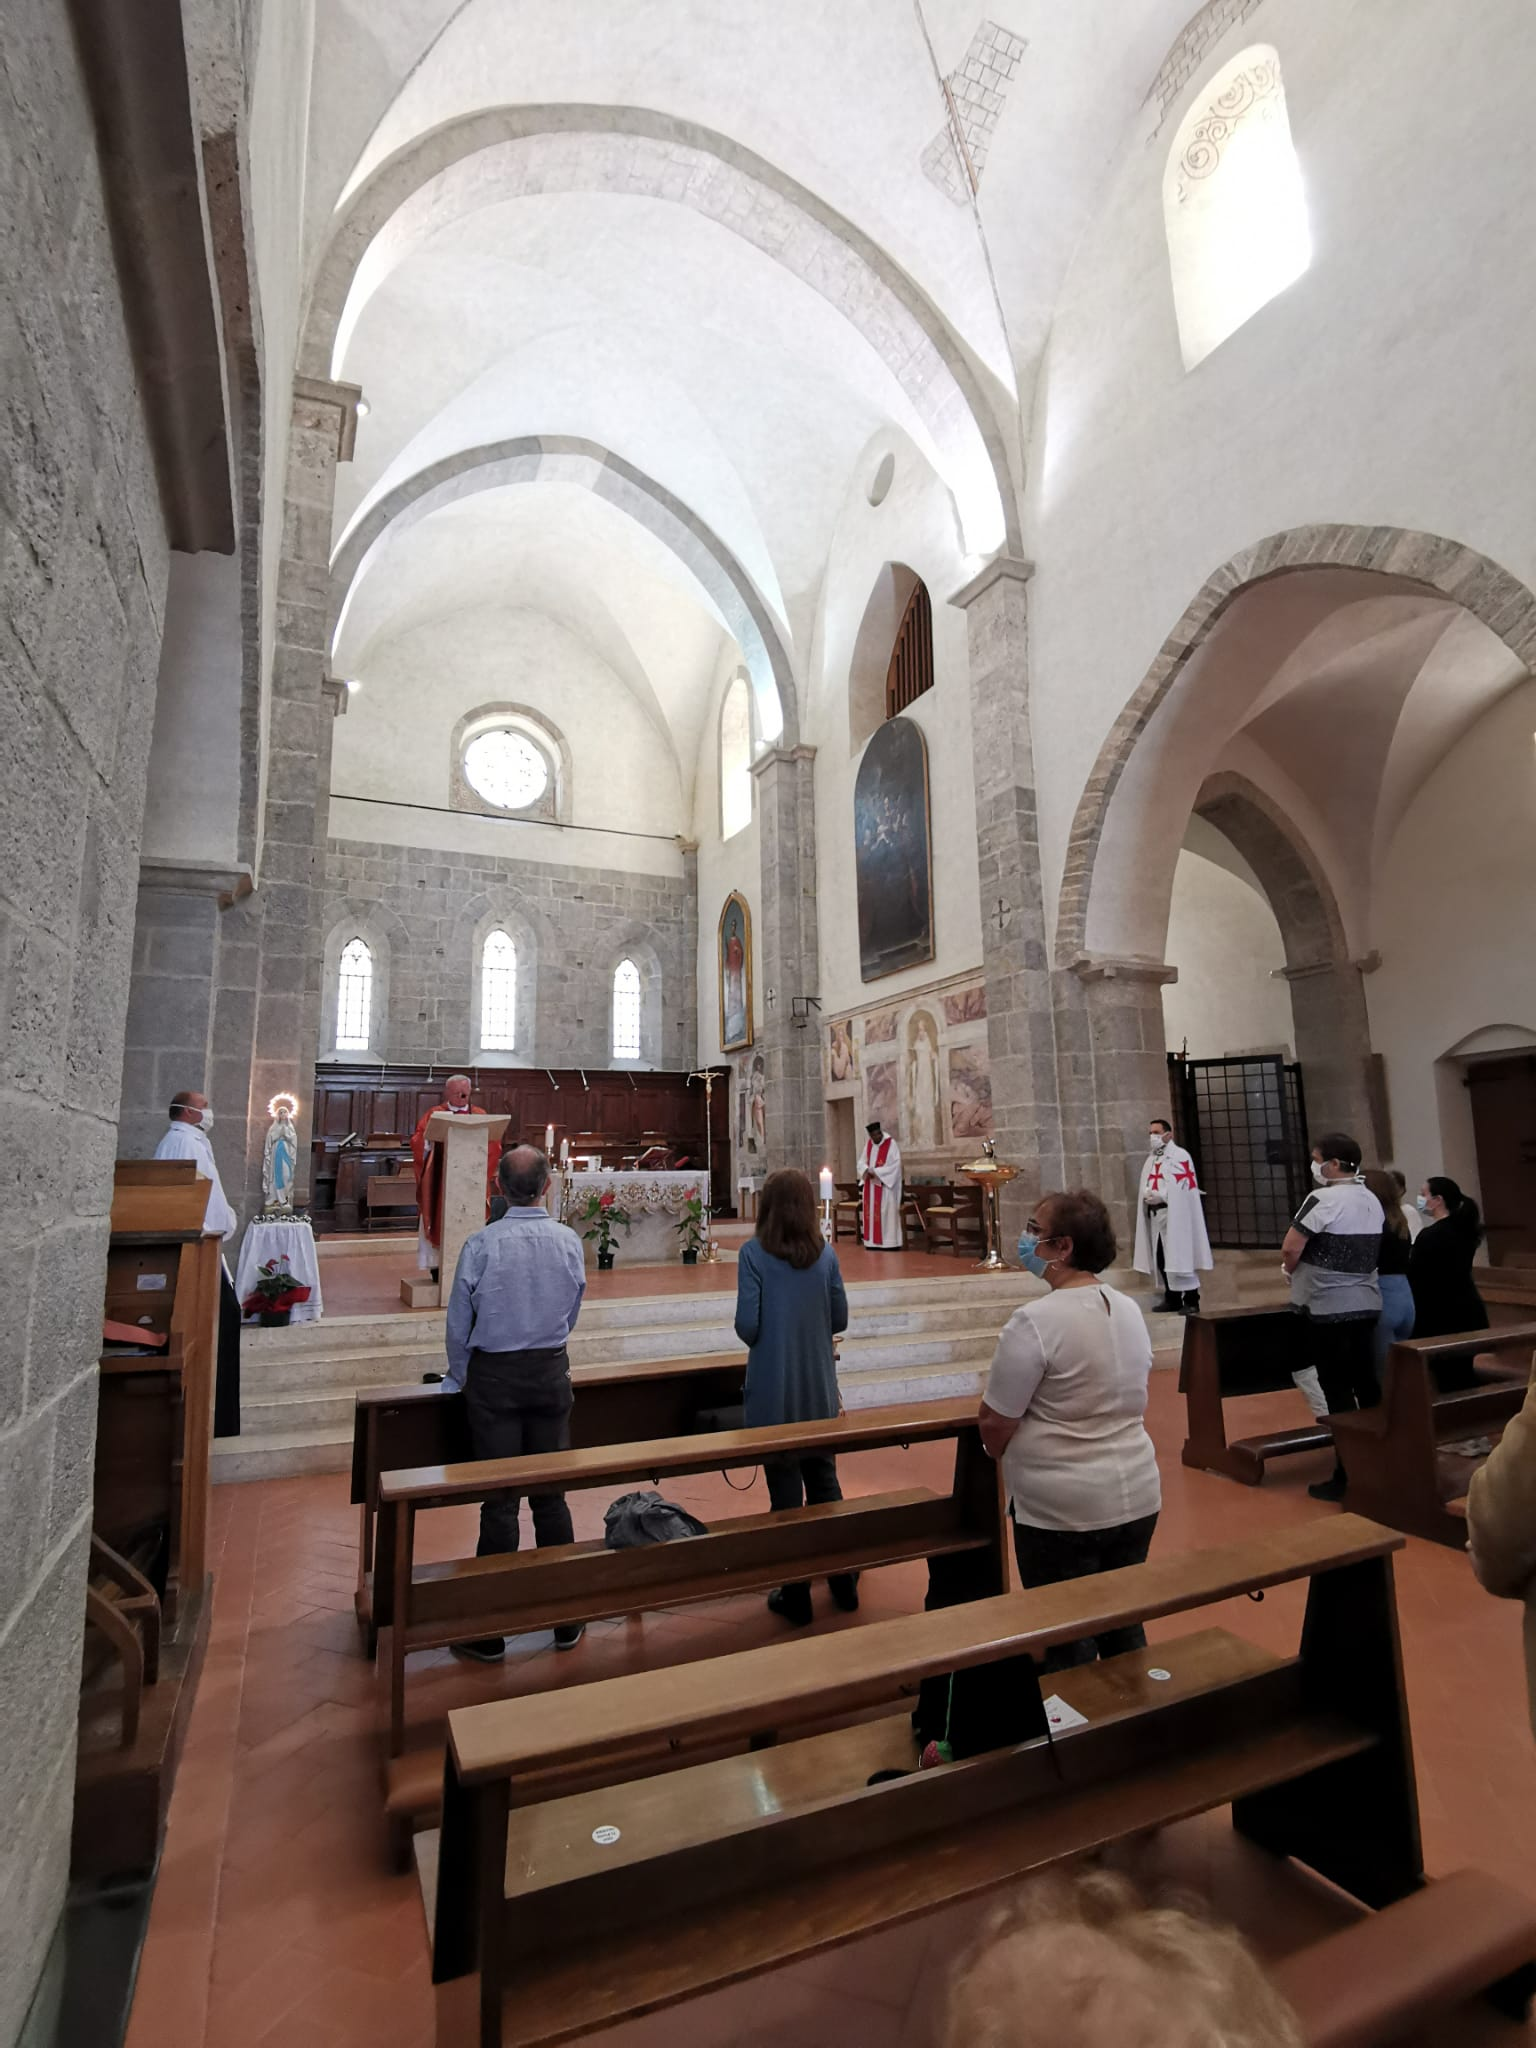 Turni di Custodia e apertura Commanderia nell'Abbazia di Valvisciolo a Sermoneta (Lt)